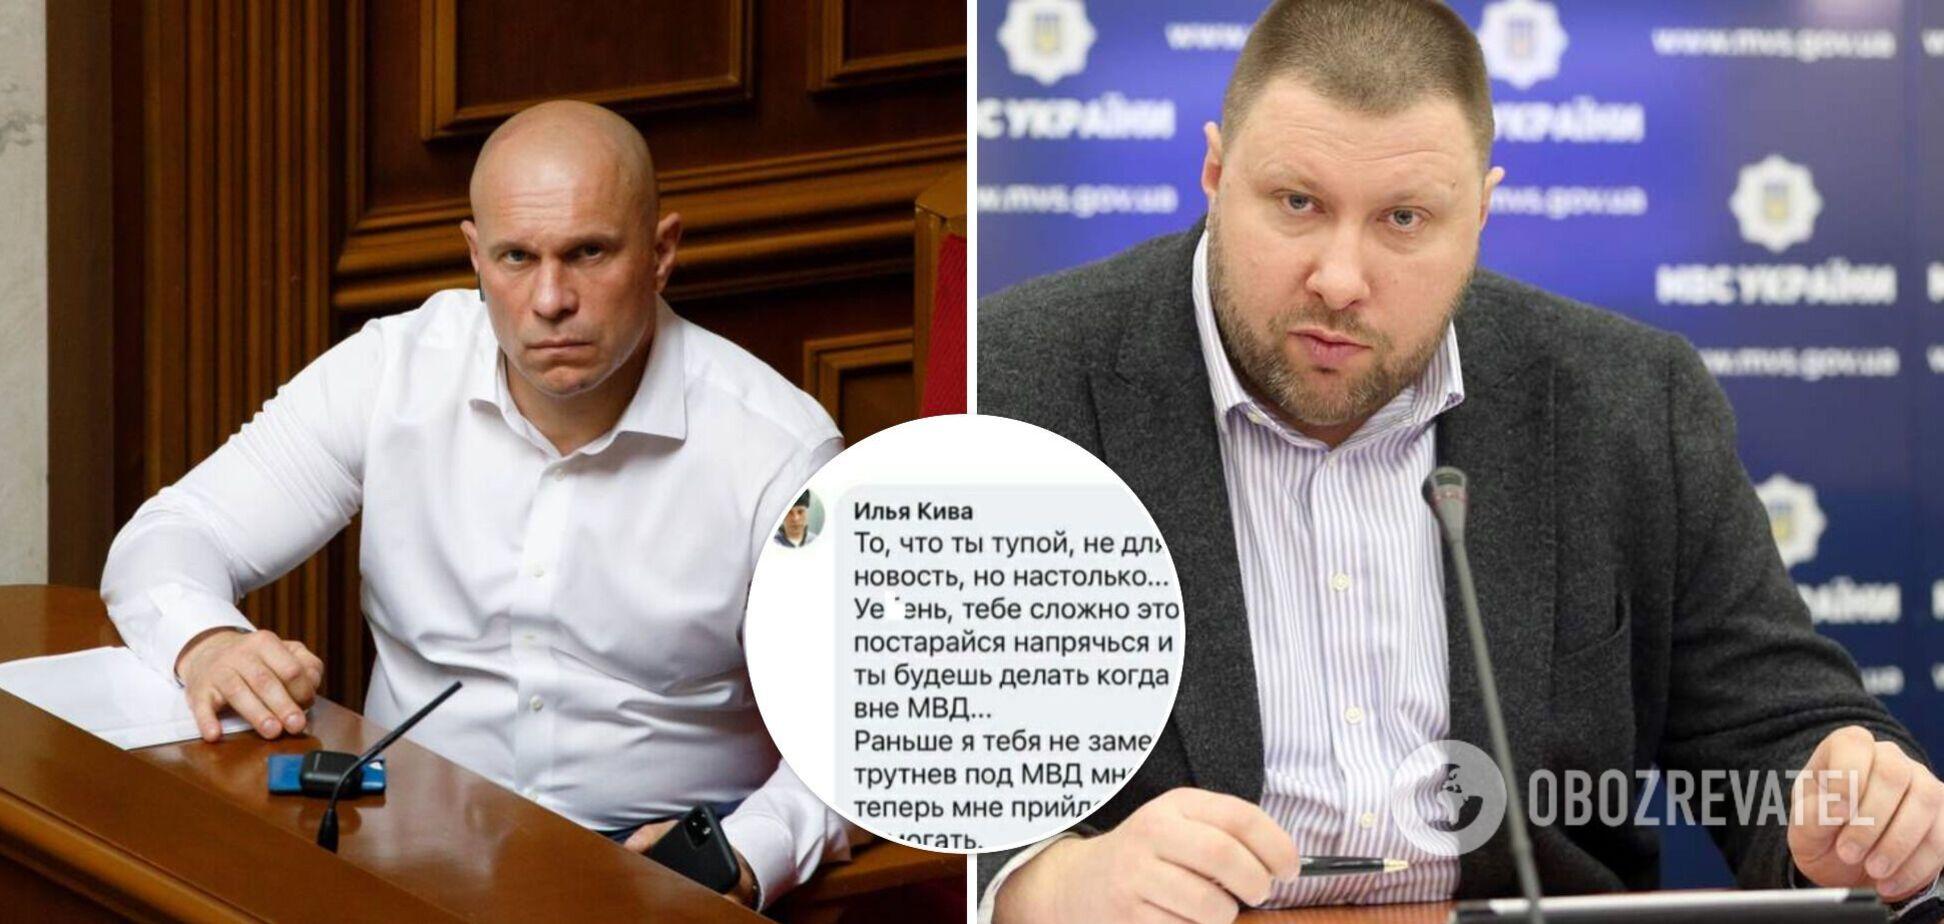 Кива обматюкав радника Авакова через свою дисертацію